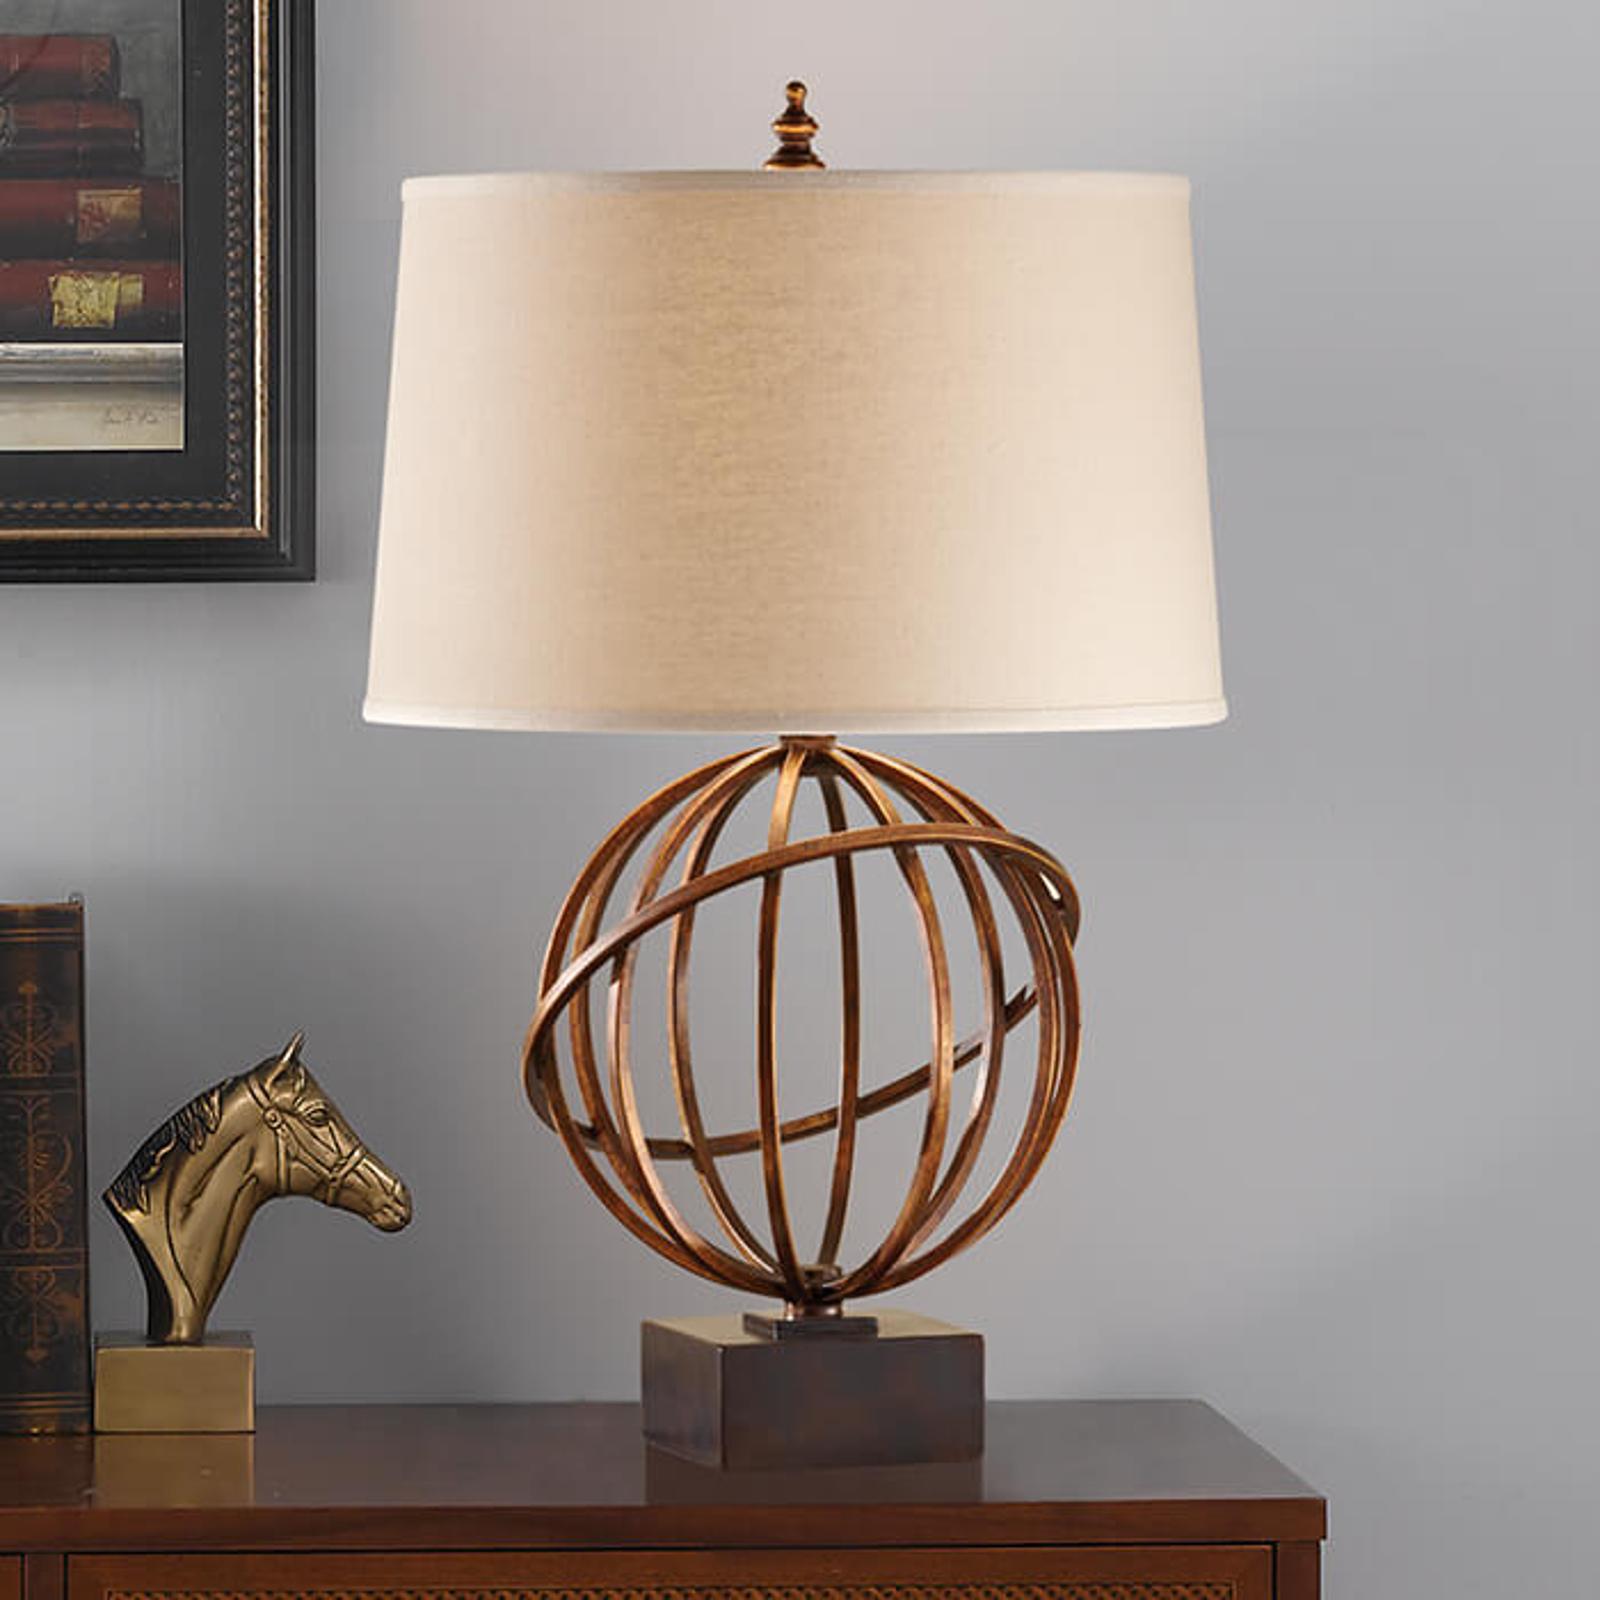 Spencer bordlampe i tekstil